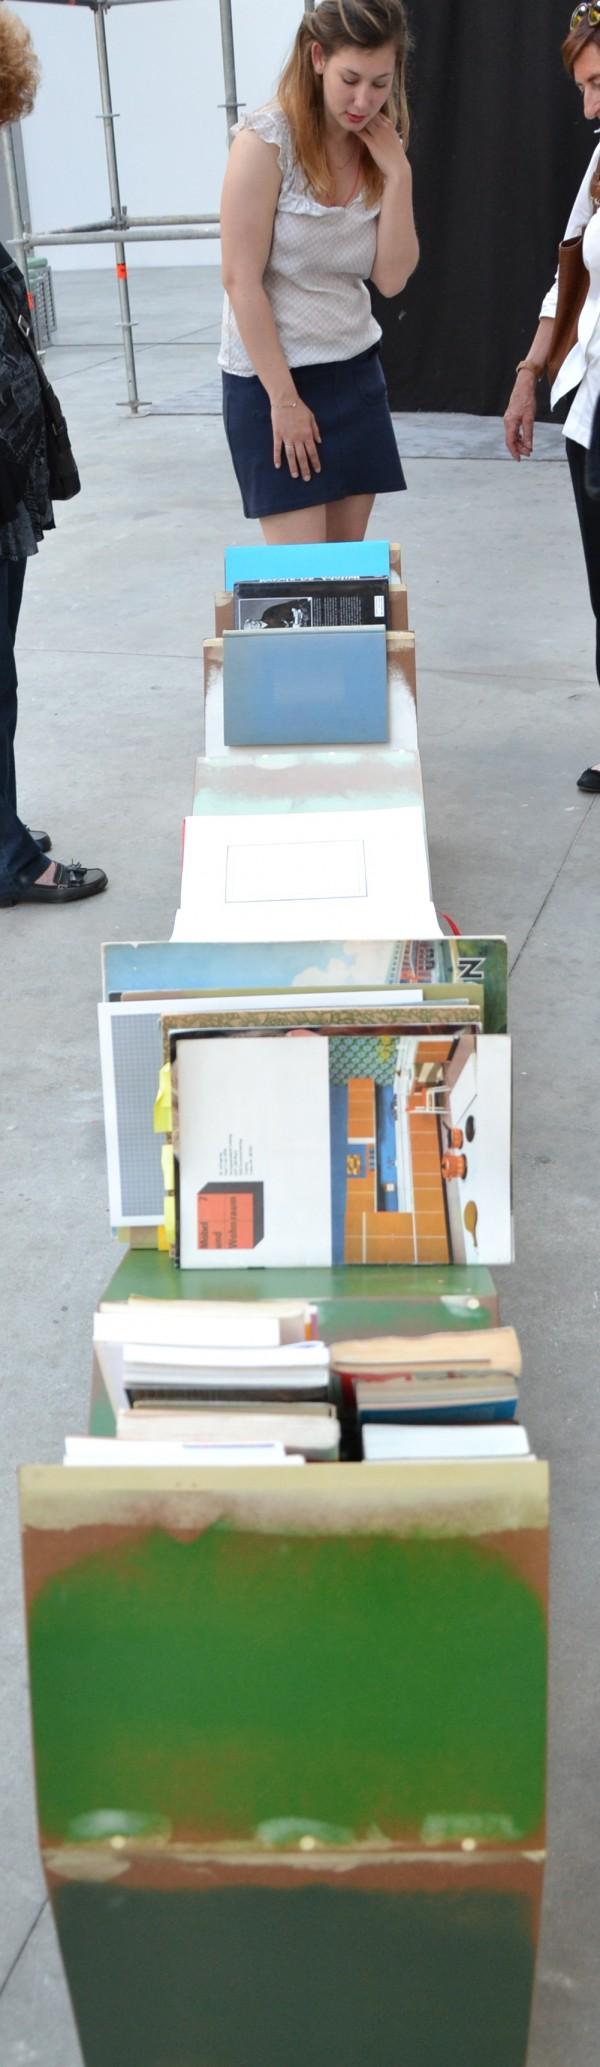 Au service des visiteurs des photocopie choisies par les visiteurs. Goofypress Courtoisie Goofypress/Julien Villaret